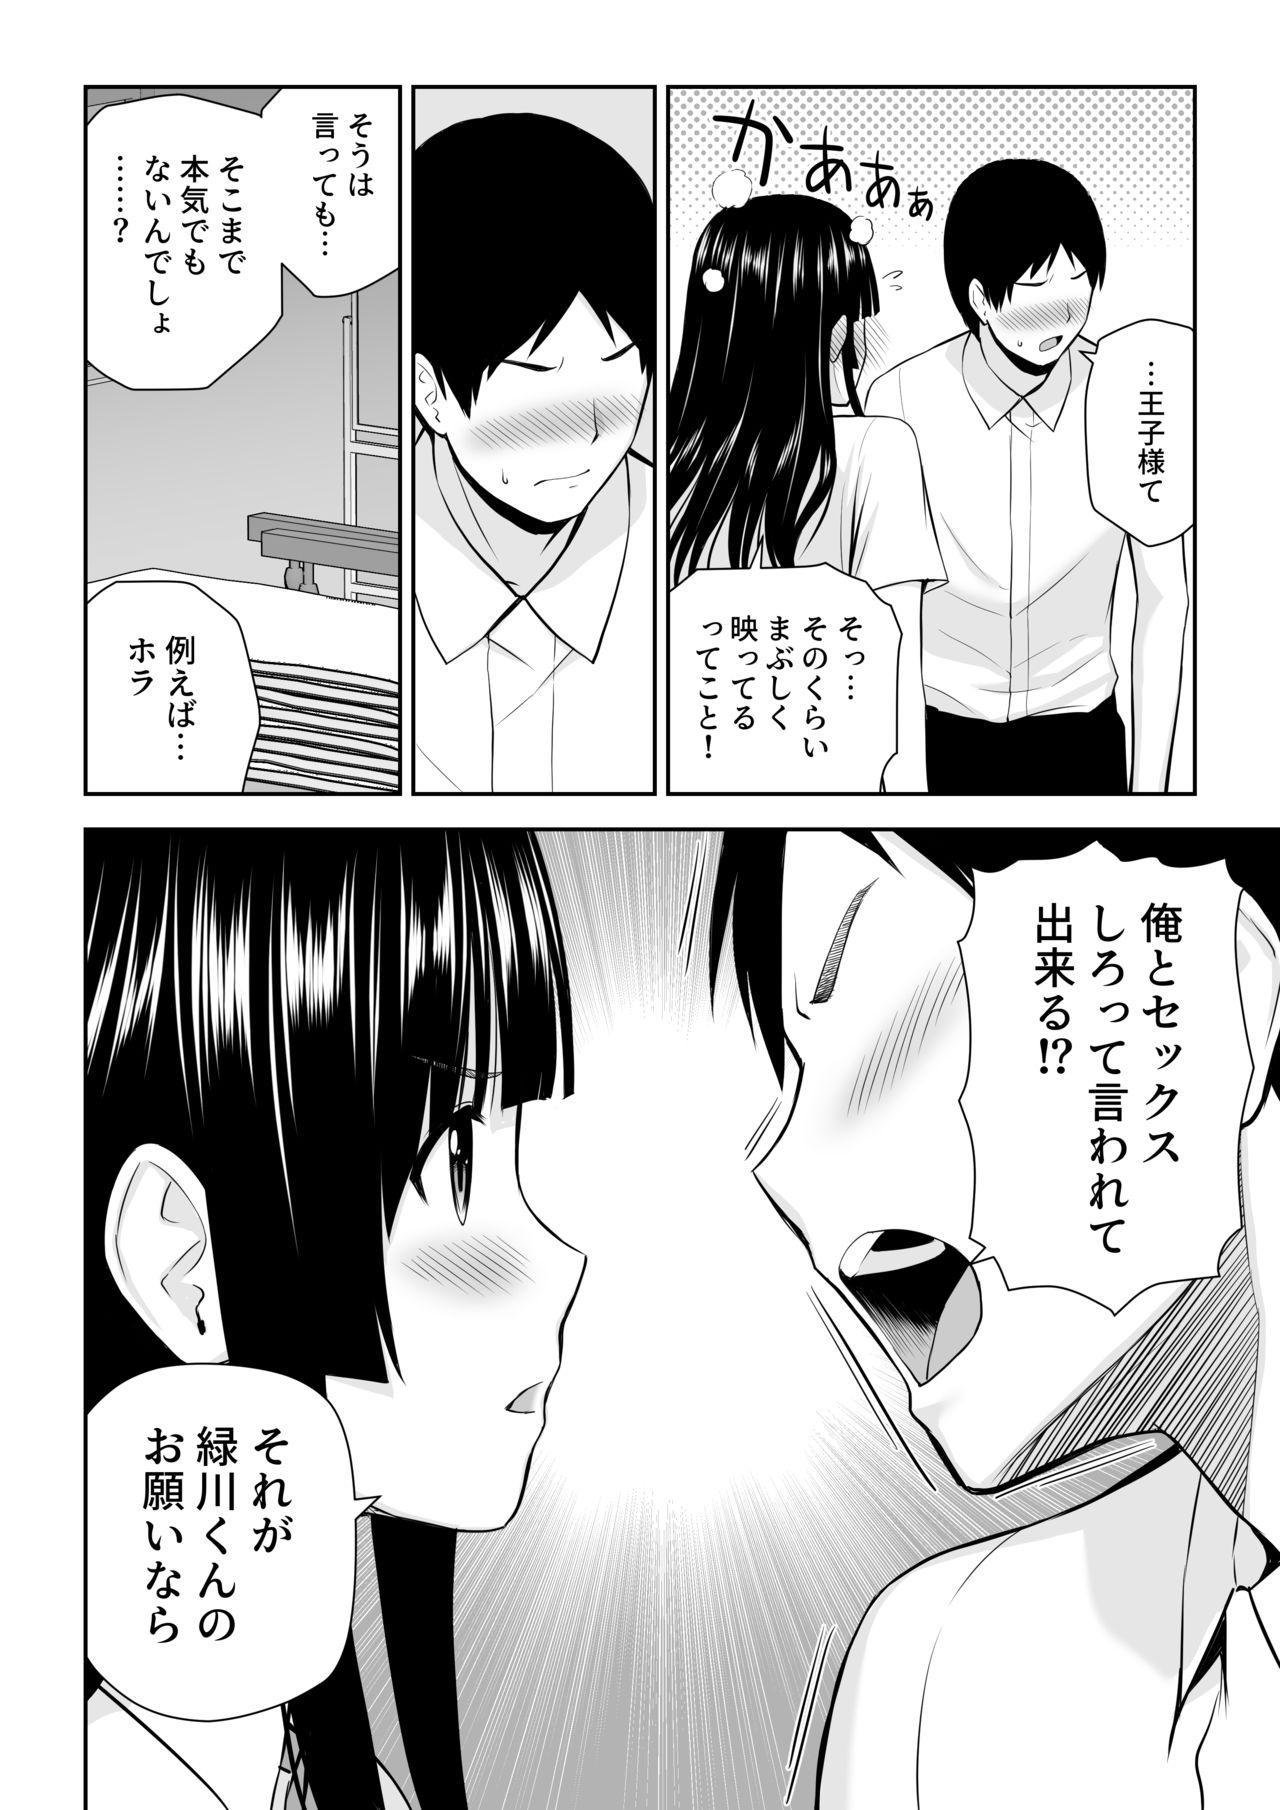 Suzushiro-san wa Onegai ni Yowai 38